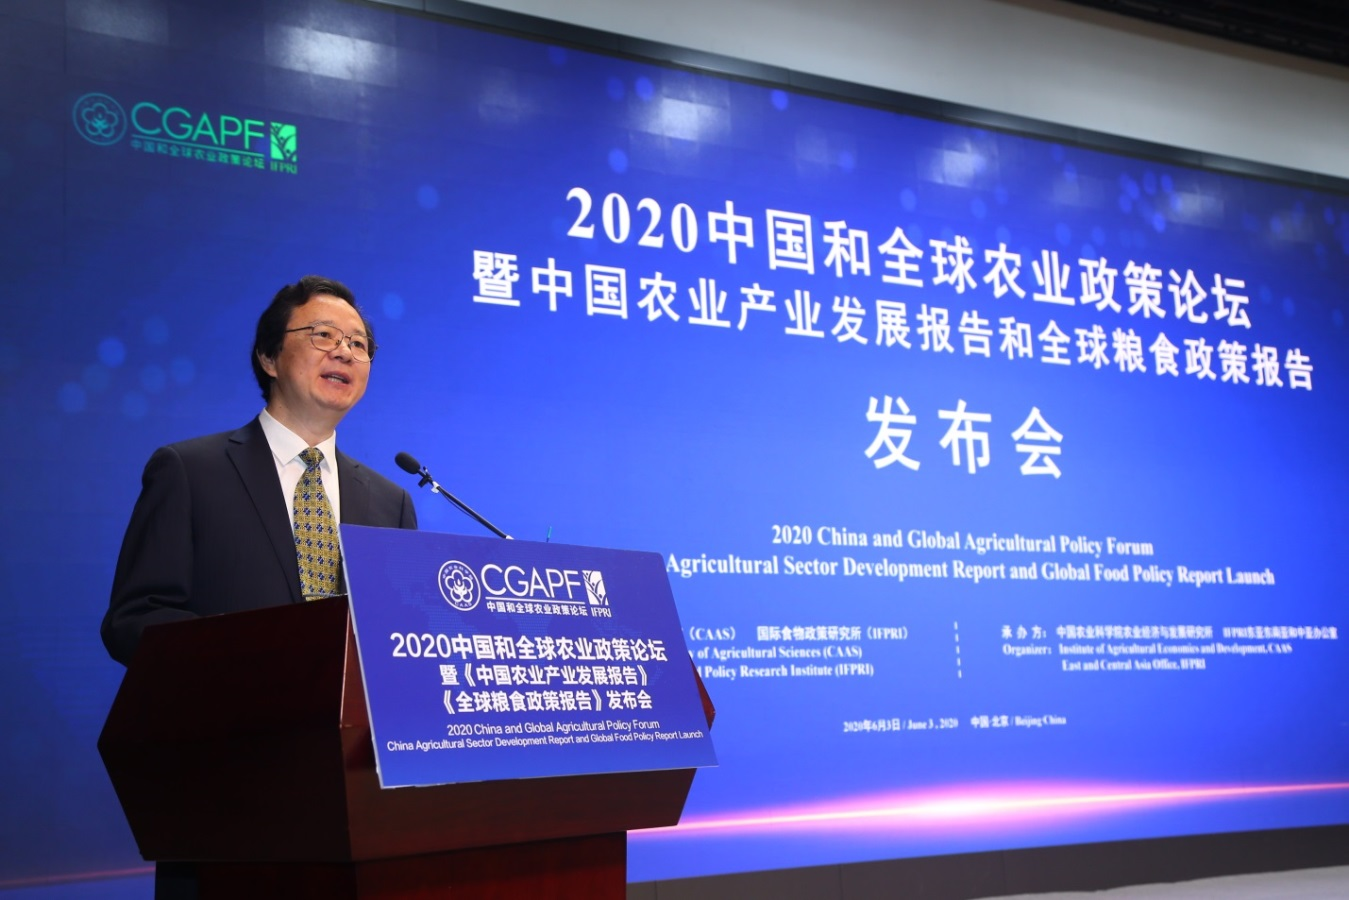 中国农科院发布《中国农业产业发展报告2020》